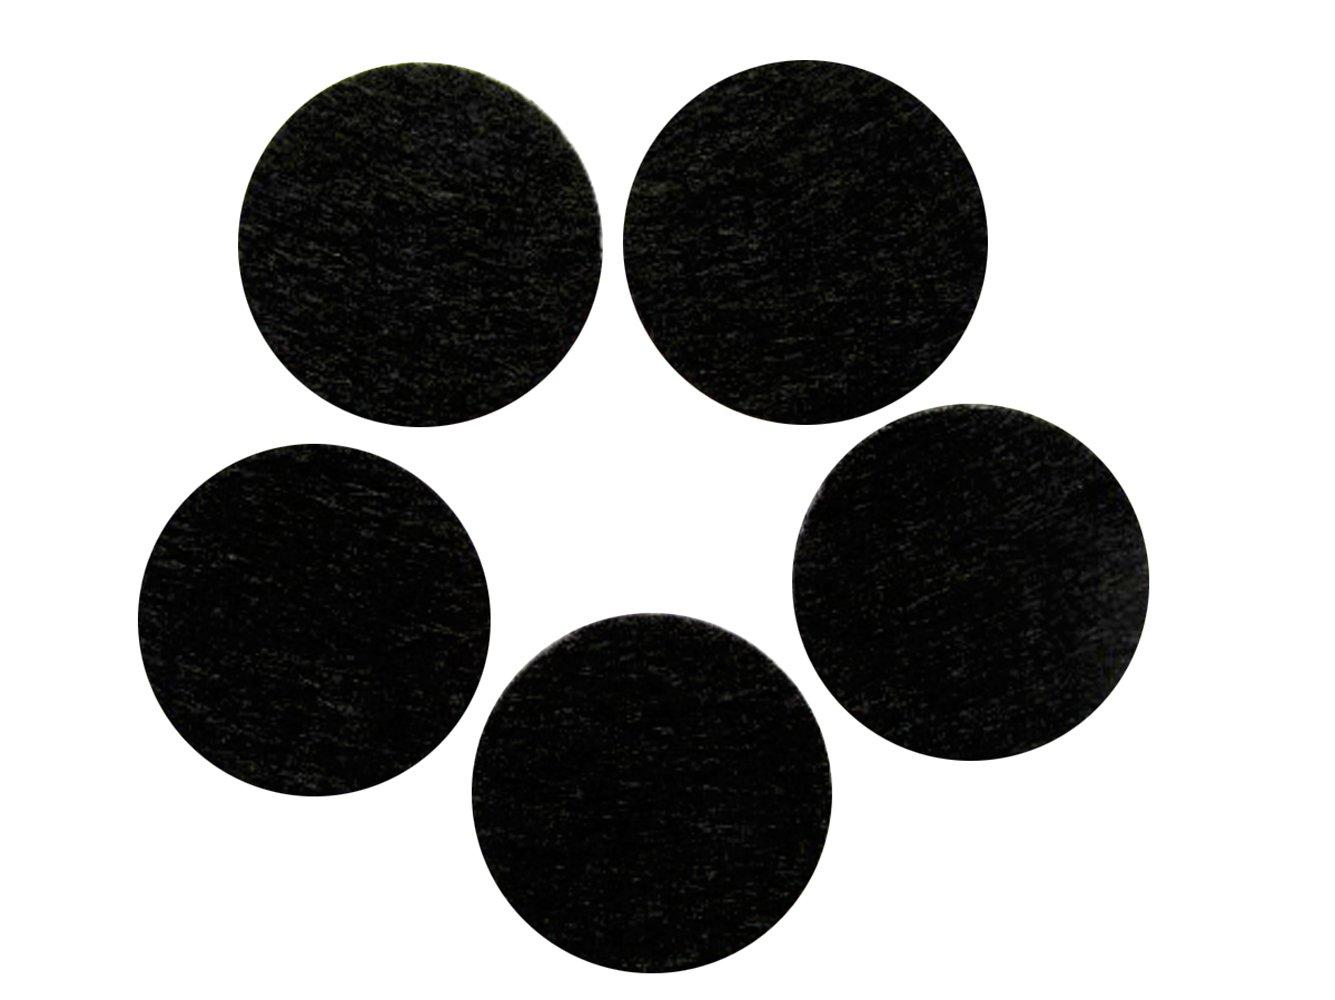 Yycraft - Feutre adhésifs ronds découpés à l'emporte-pièce pour loisirs créatifs et couture. Différentes tailles, Feutre, Noir , 1/2'(12mm)